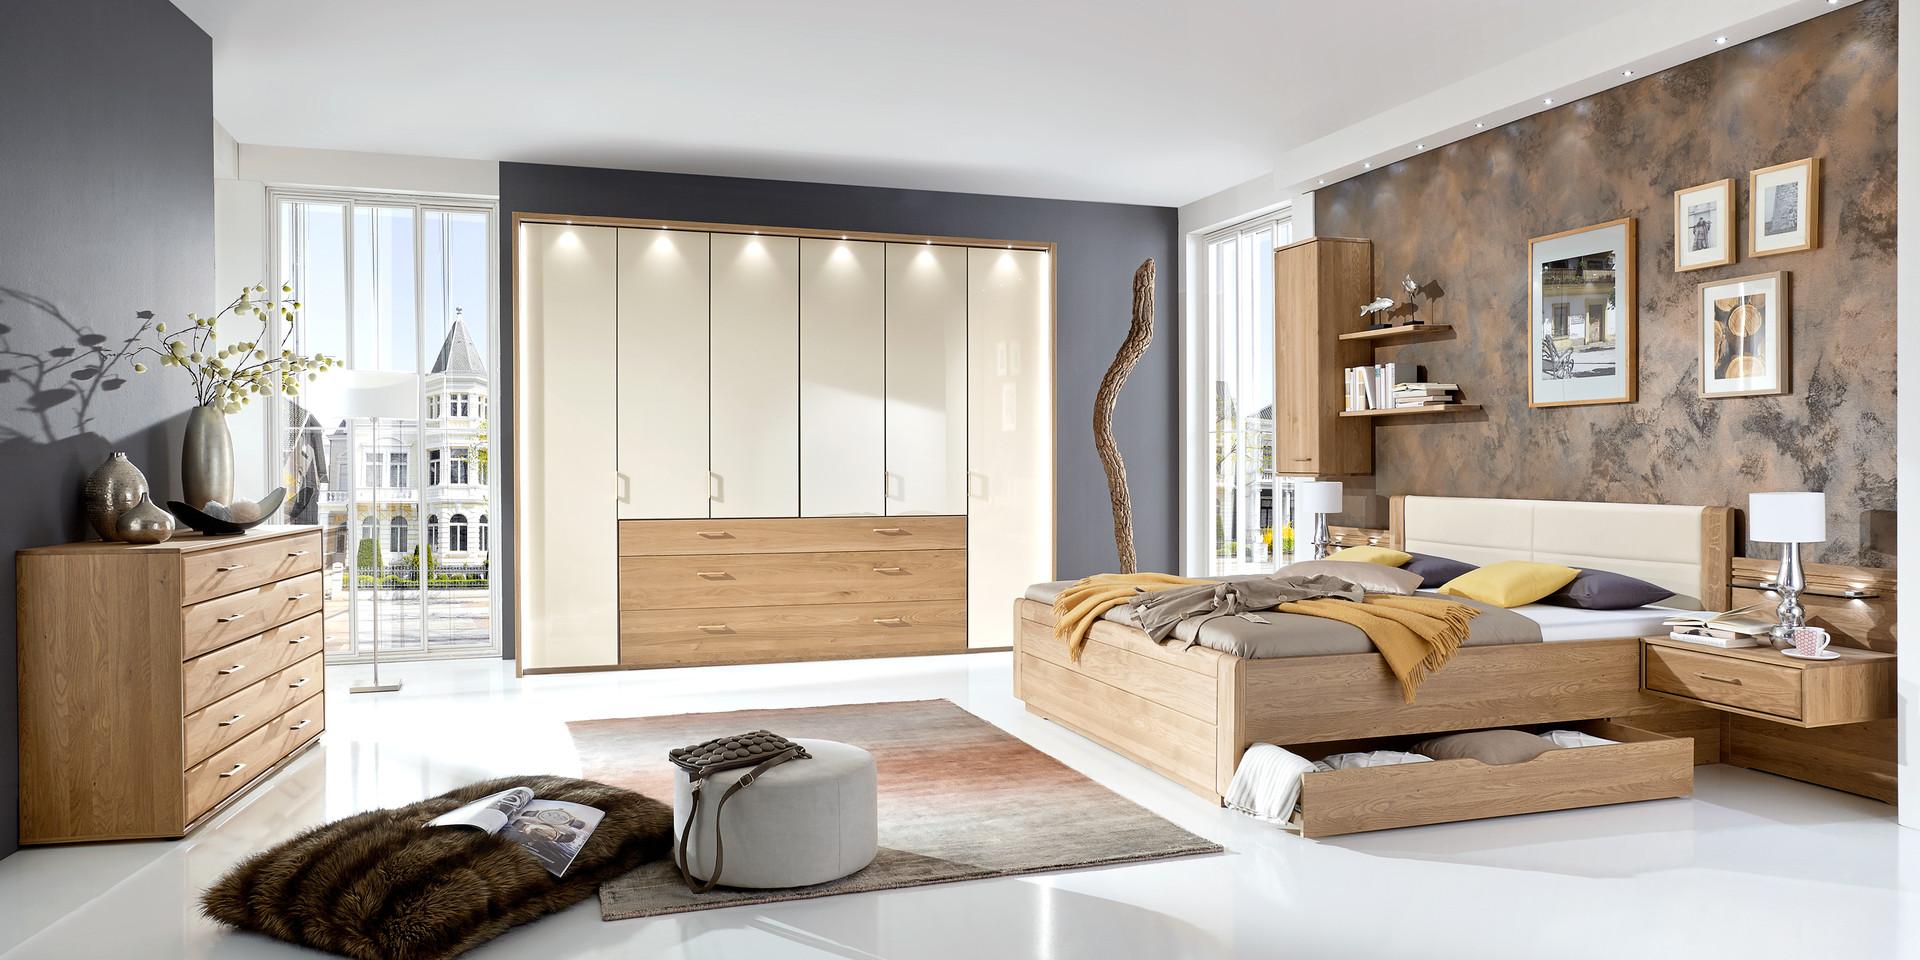 erleben sie das schlafzimmer lido m belhersteller wiemann. Black Bedroom Furniture Sets. Home Design Ideas